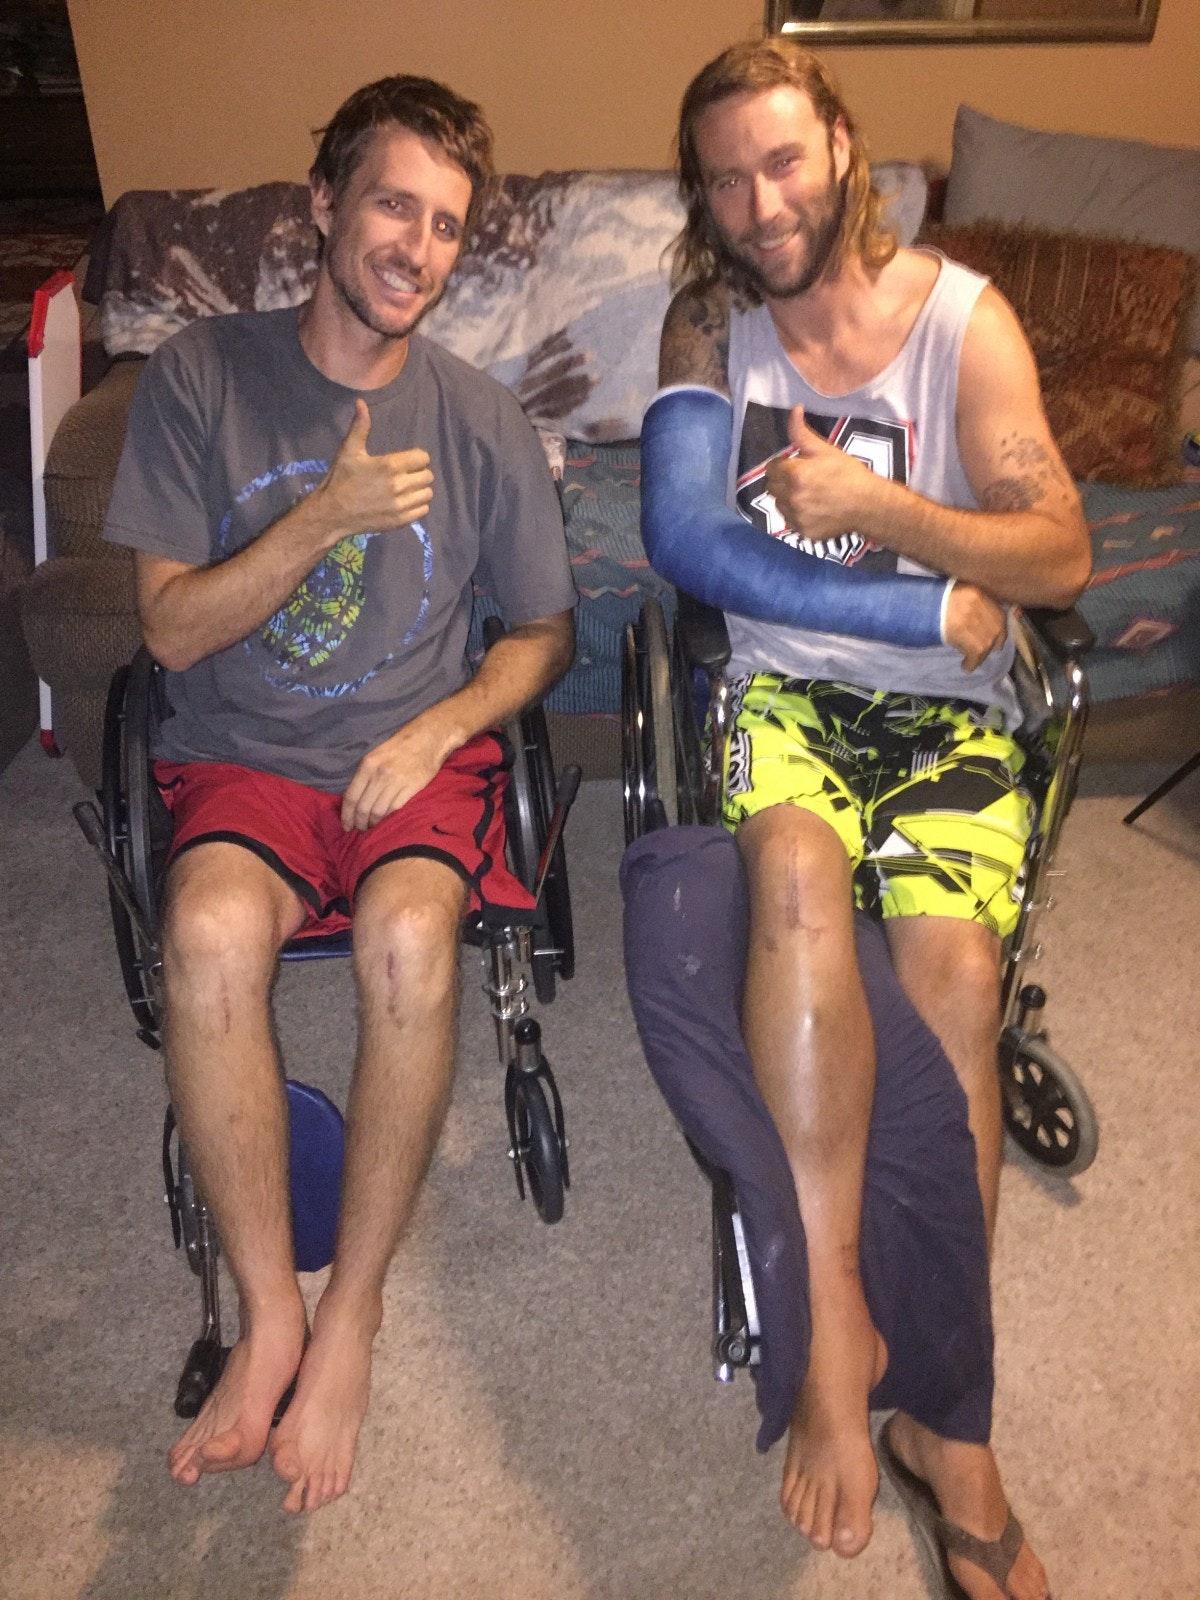 Sewell and Gillen share broken leg stories.